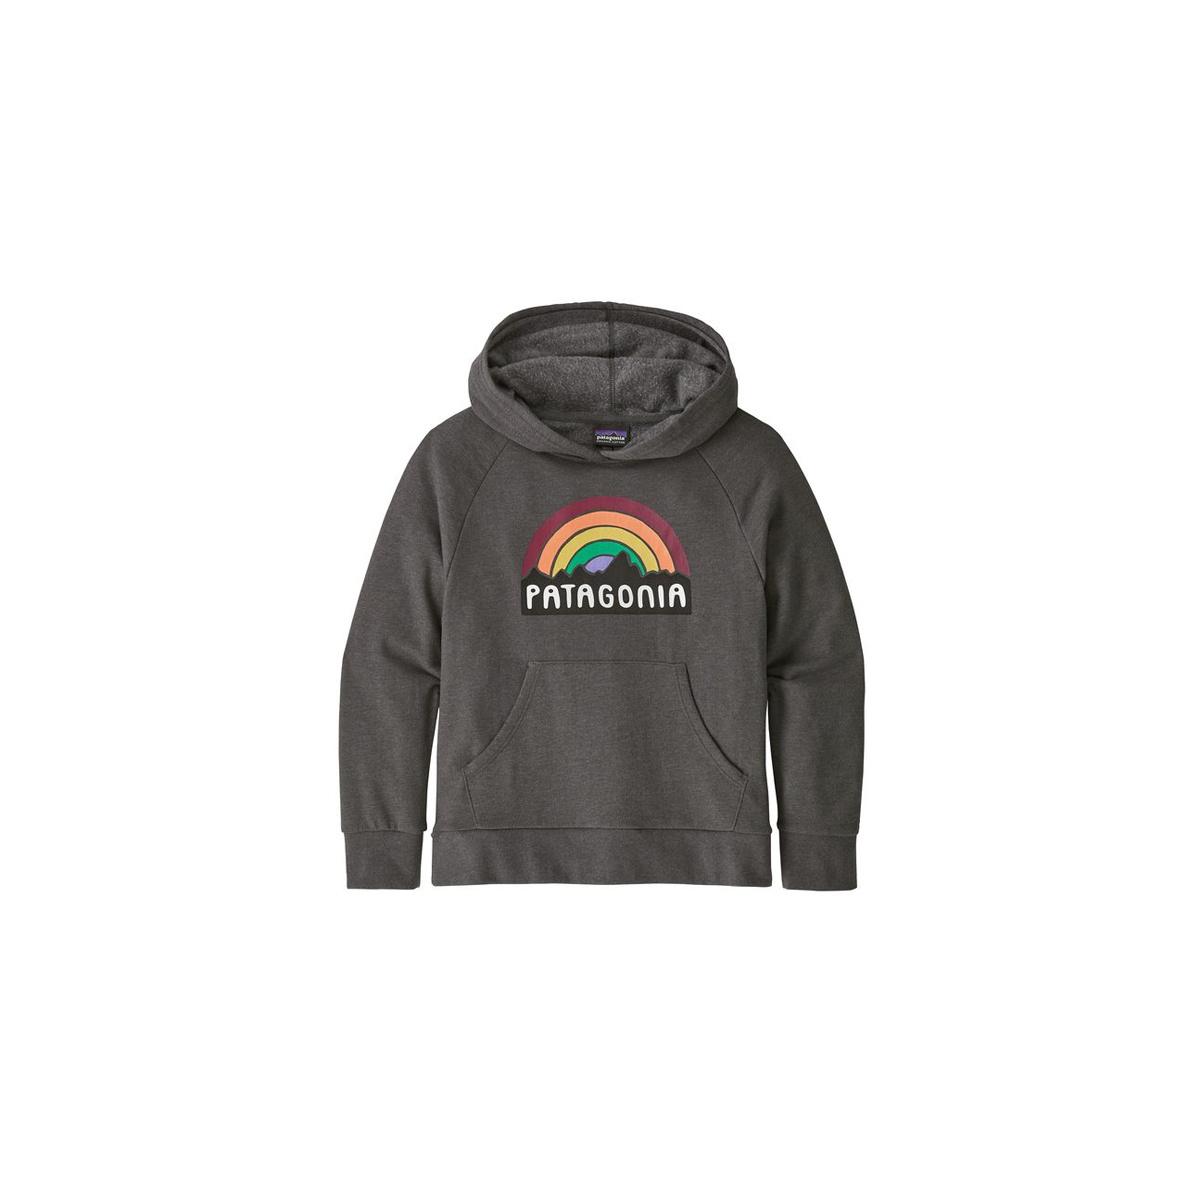 Patagonia Girl's  Light Weight  Fitz Roy Rainbow Hoody Sweatshirt